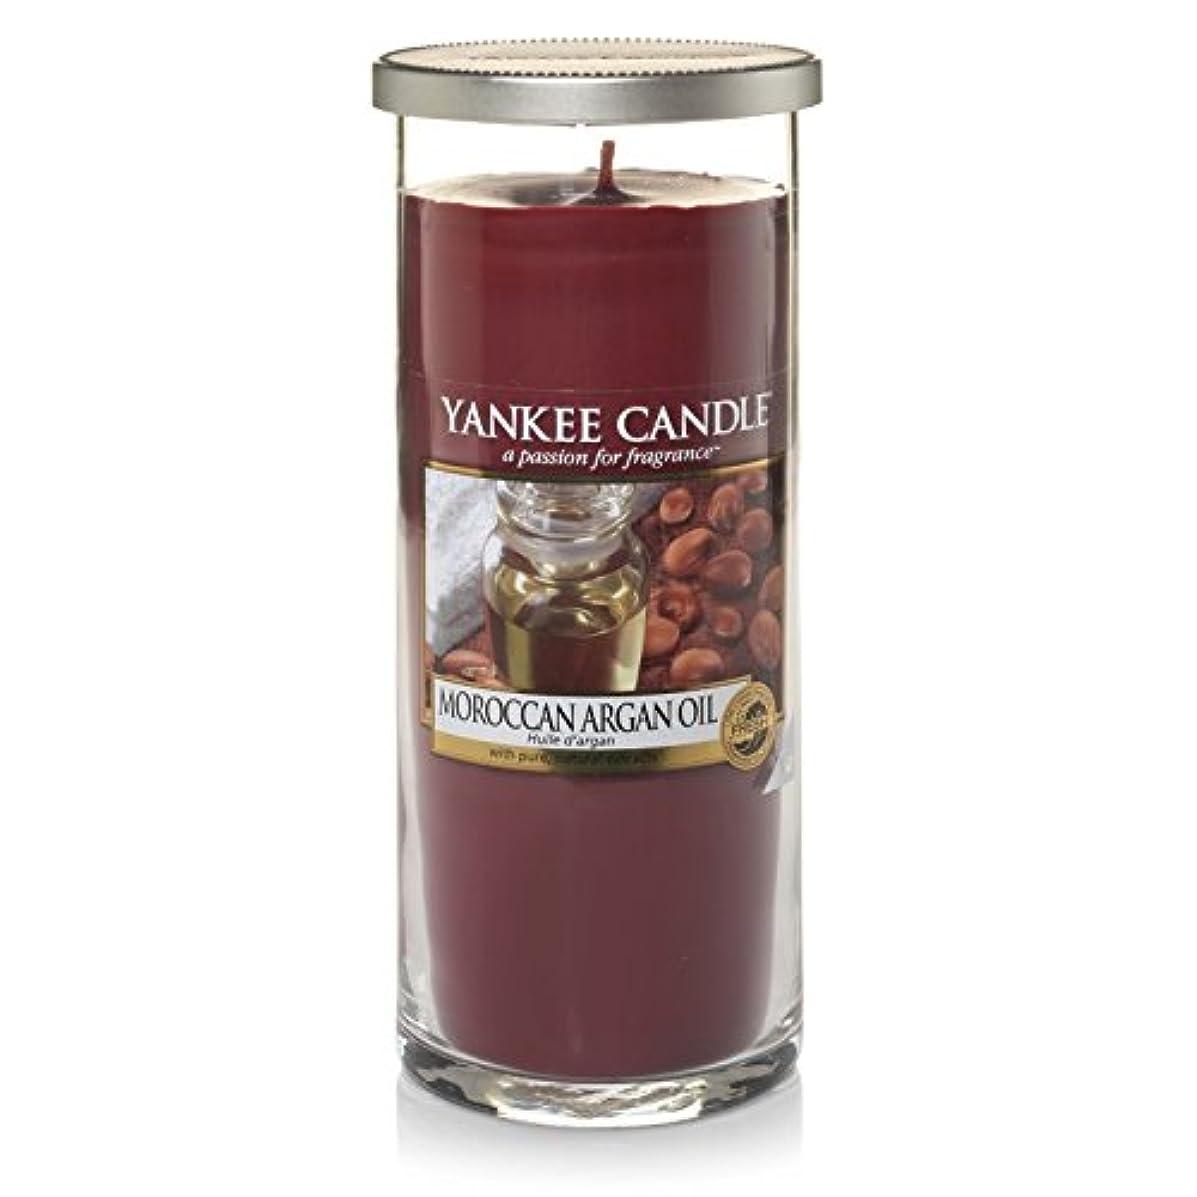 癌巡礼者不快なYankee Candles Large Pillar Candle - Moroccan Argan Oil (Pack of 6) - ヤンキーキャンドル大きな柱キャンドル - モロッコアルガンオイル (x6) [並行輸入品]